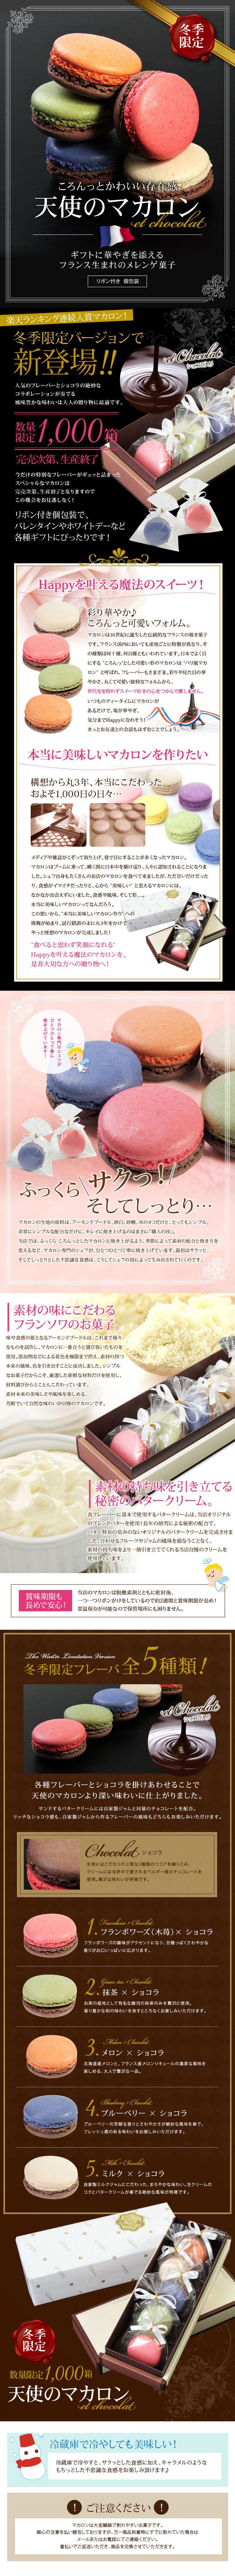 冬季限定 天使のマカロン | ランディングページ制作 商品ページデザイン|東京・大阪